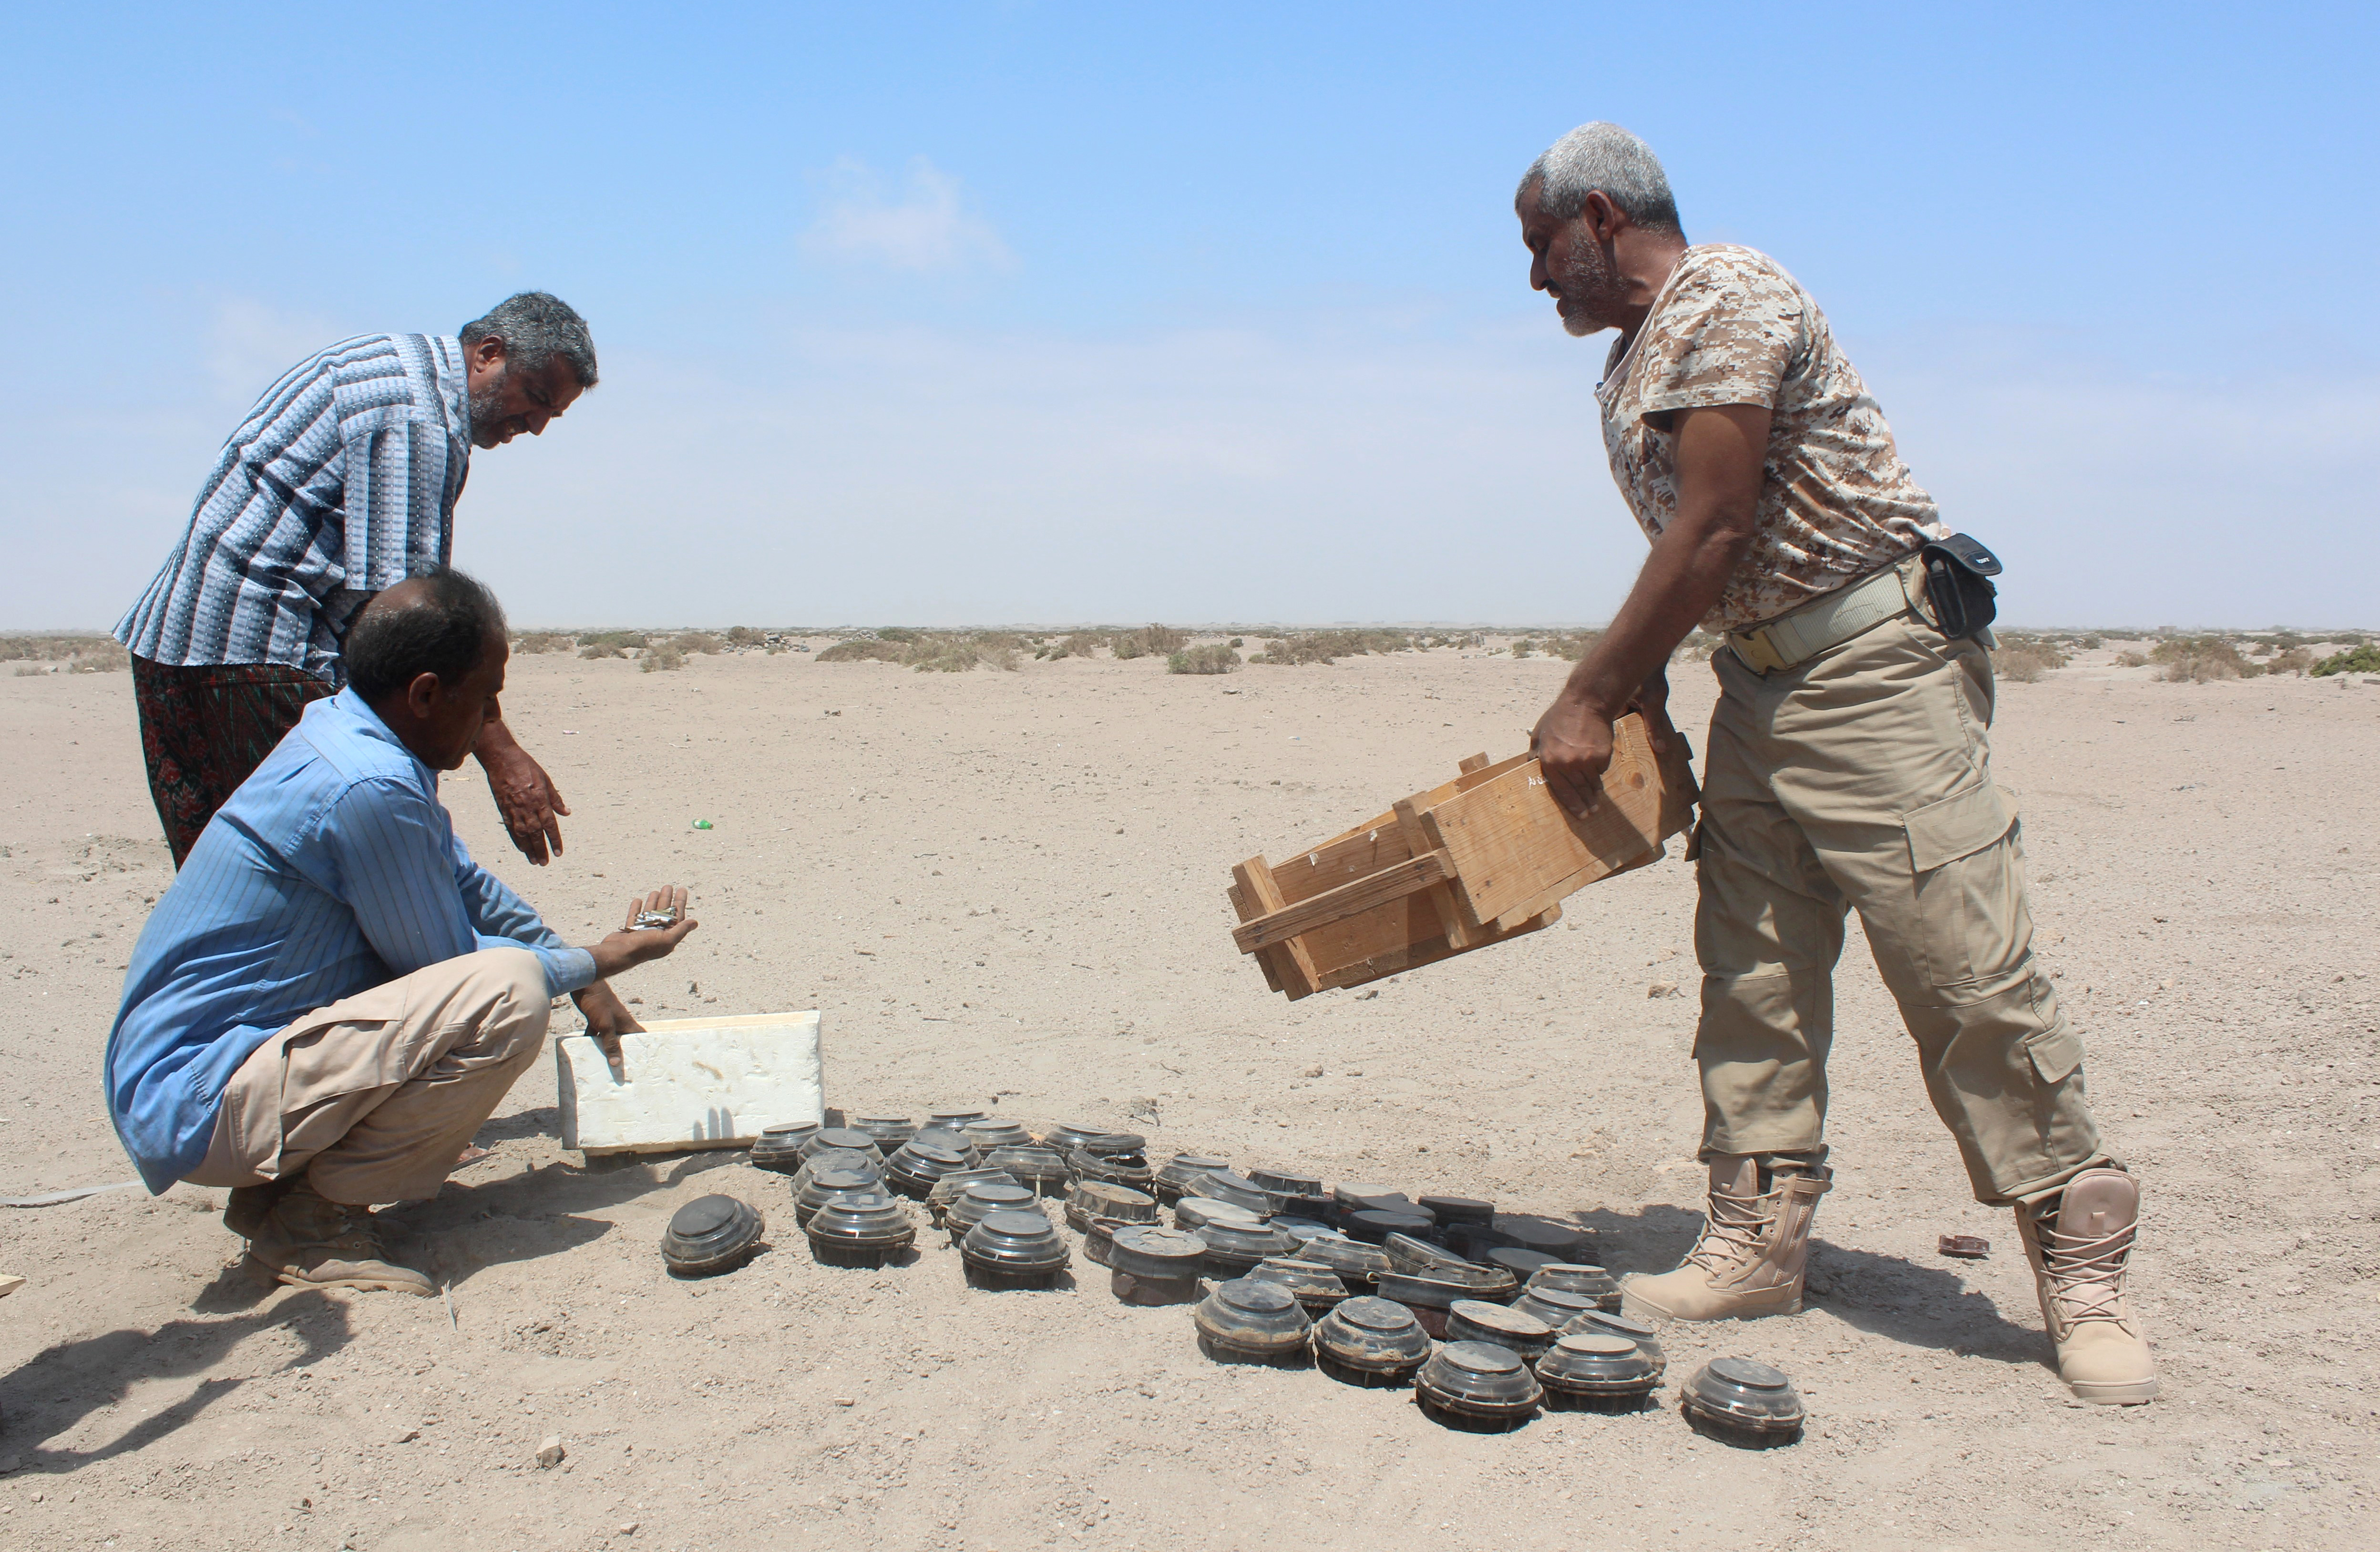 جنود يمنيون يكتشفون عددا من الألغام زرعها مقاتلون حوثيون